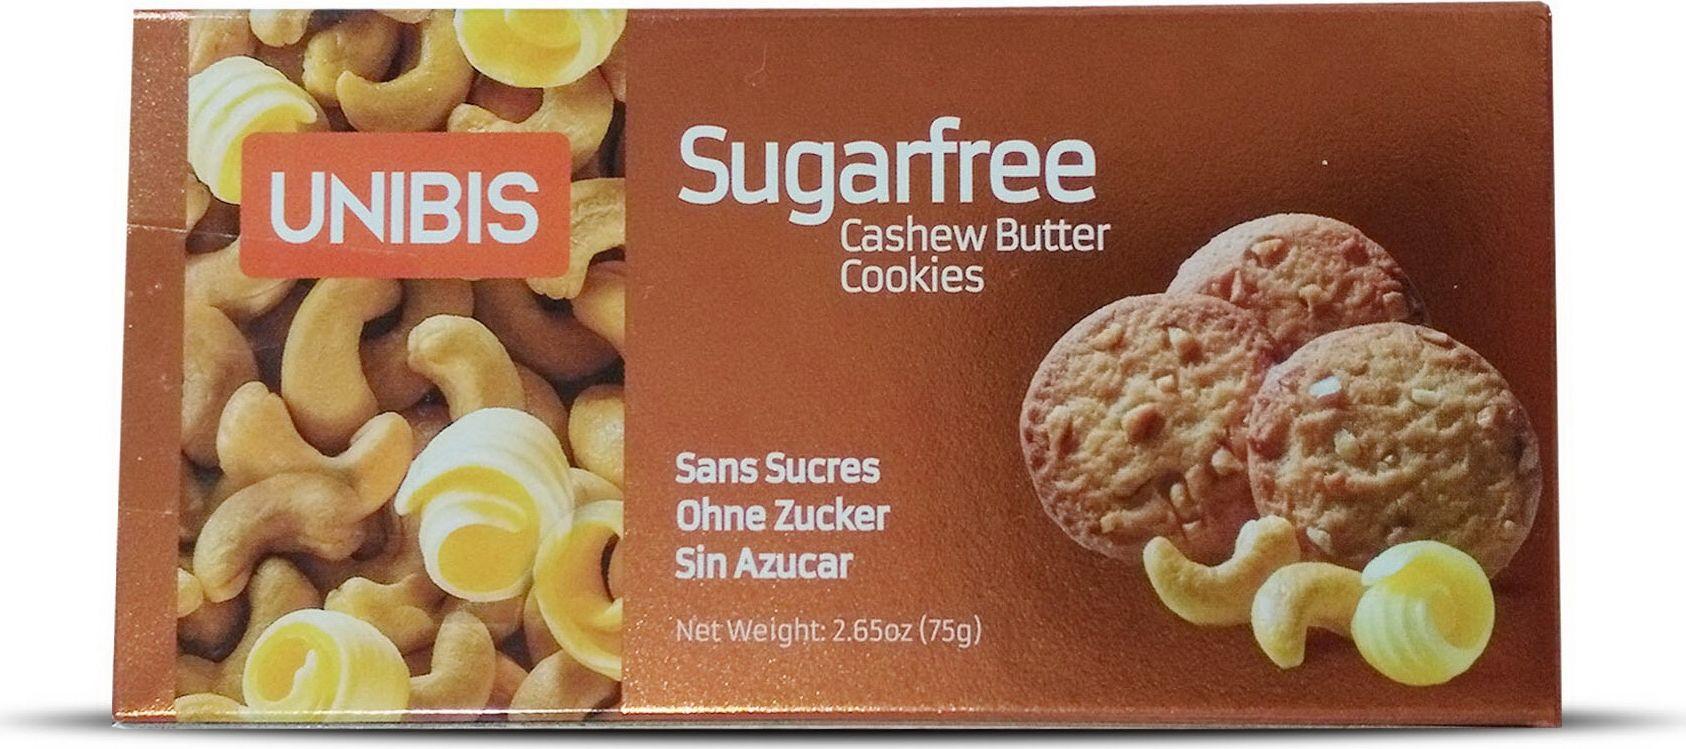 Unibis Sugar free Cashew cookies Печенье с кешью без сахара, 75 г сладкая сказка печенье дед мороз и снегурочка 400 г